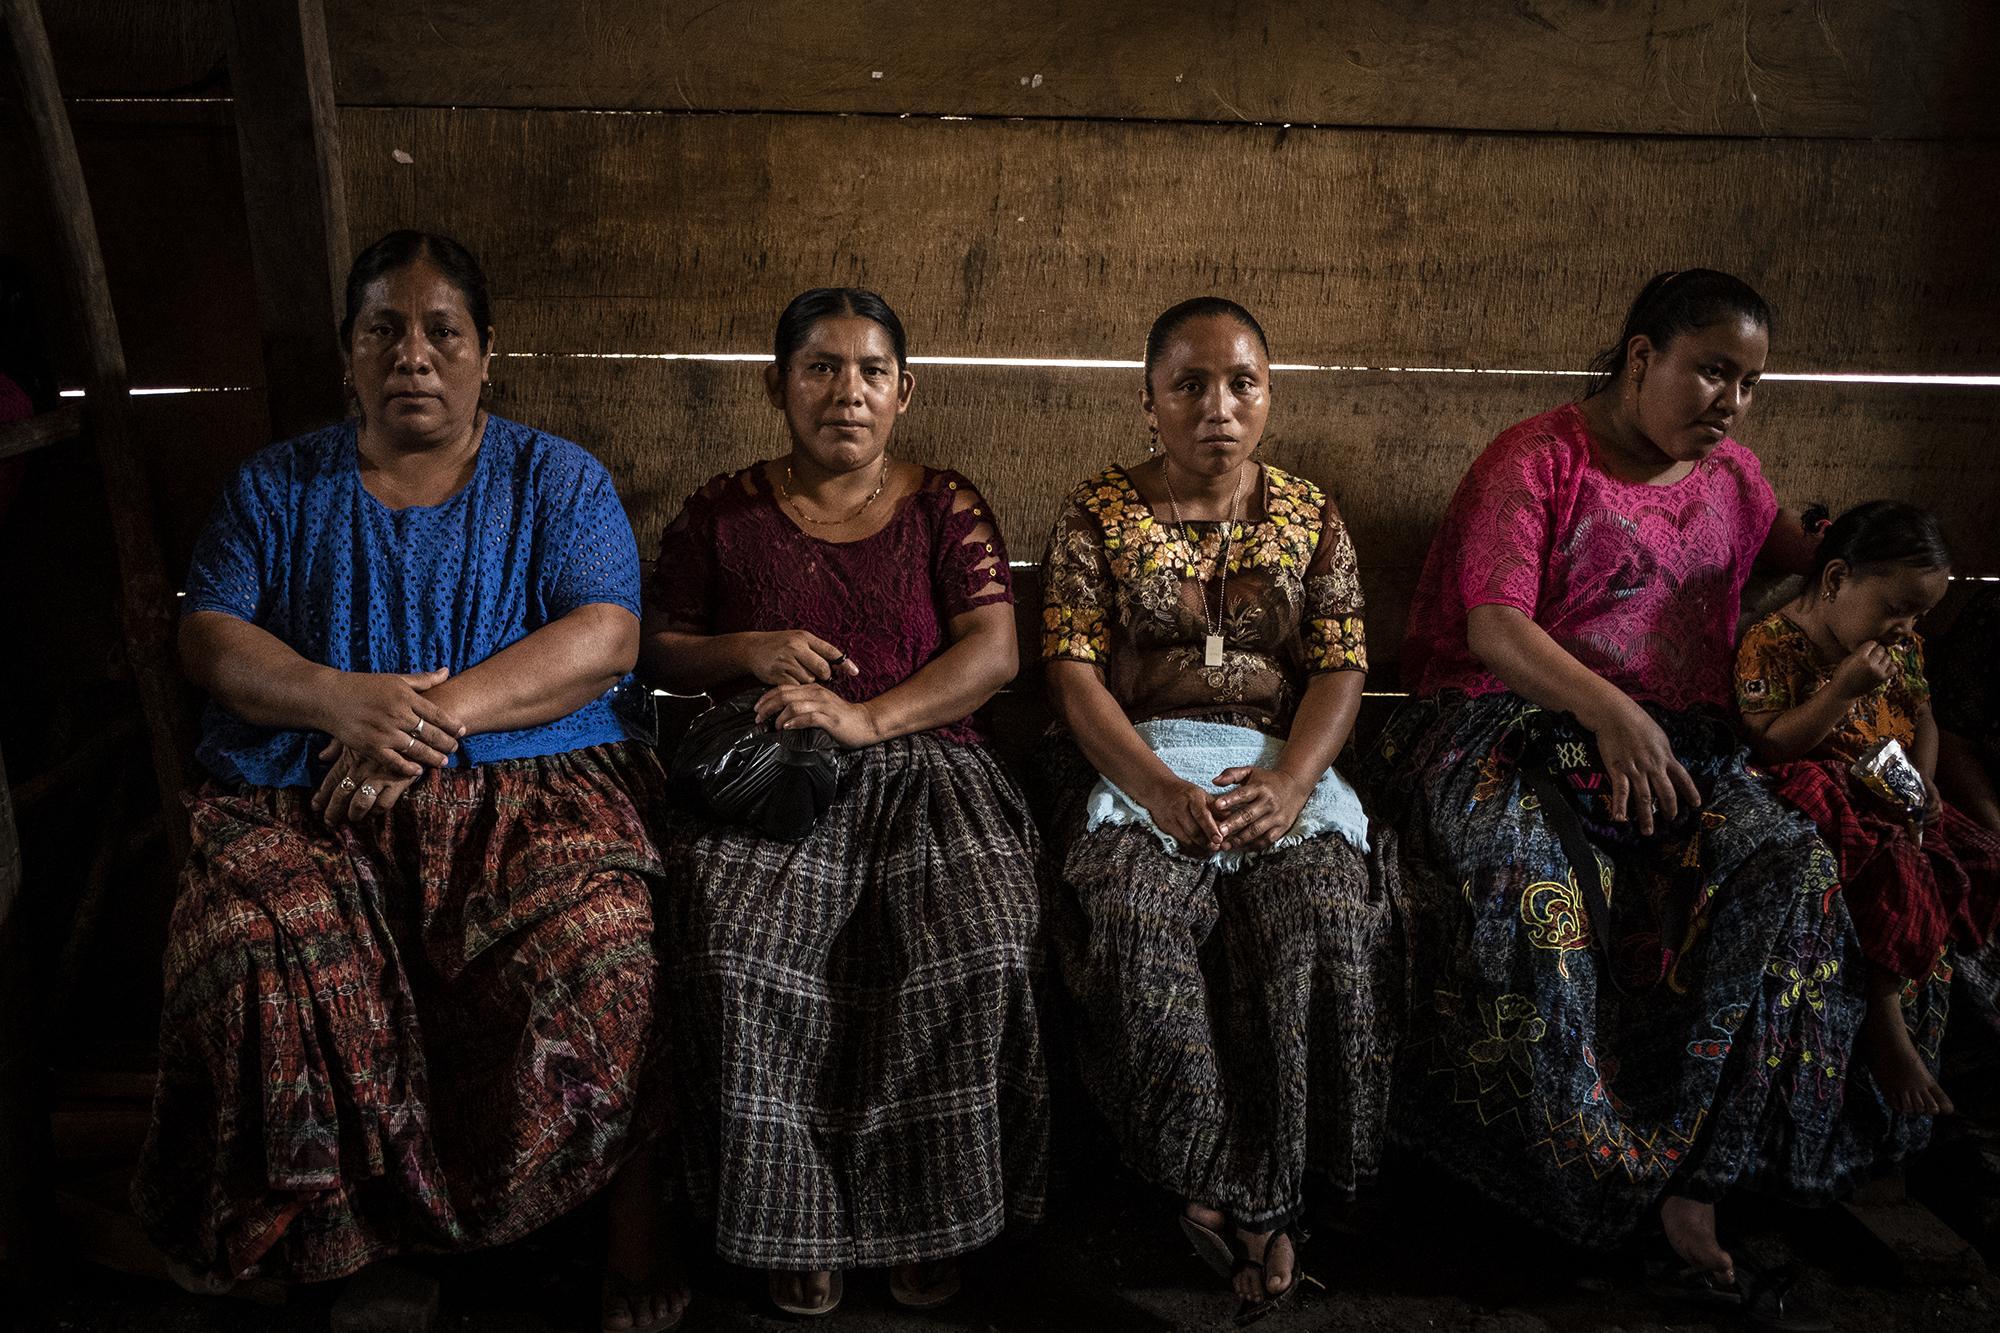 Las lideresas Ana Consuelo Romero,MaríaMagdalenaTiulPaki,BarbinaBacokyMaríadel Carmen CaXekal de Fray Bartolomé de las Casas, departamento de Alta Verapaz. Estas mujeres son parte vital de la comunidad porque son las que deciden aspectos relacionados a su vida diaria. Esta foto fue tomada un día antes de la segunda vuelta electoral presidencial en Guatemala, el sábado 10 de agosto de 2019. Las mujeres aquí son parte vital de la sostenibilidad de la comunidad. Por ejemplo, ellas administran un proyecto de filtros de agua que llevó una organización llamada Sagrada Tierra. Tal es su protagonismo que los políticos las buscan a ellas para conregar a la gente del pueblo. Foto: Carlos Barrera/El Faro